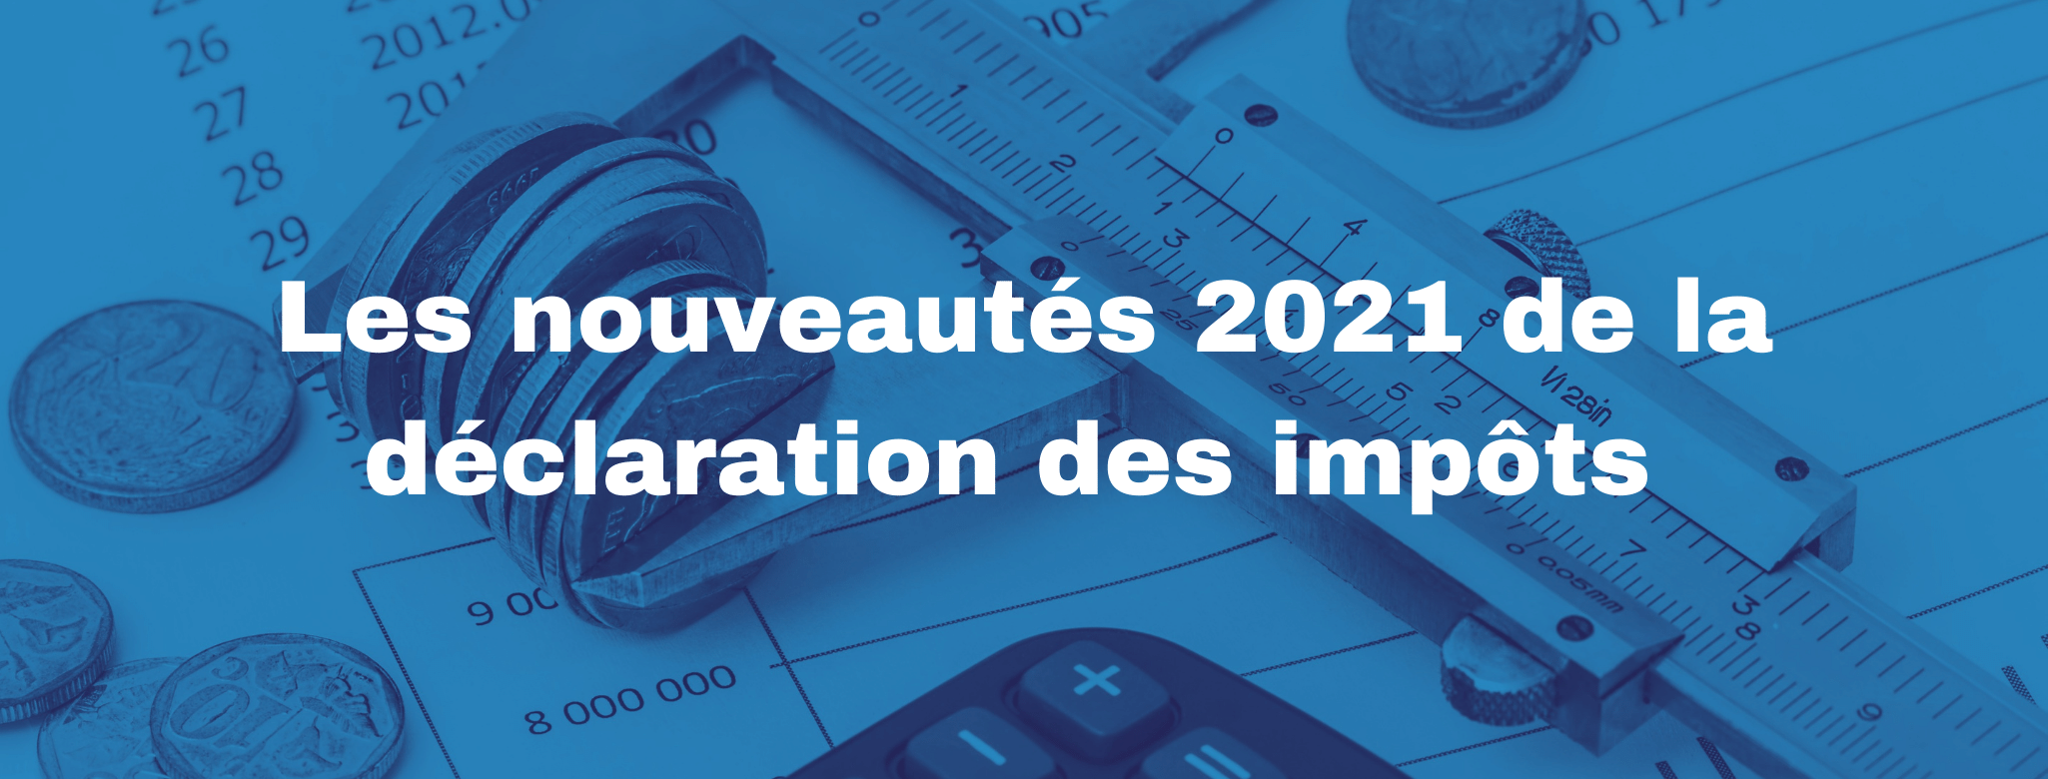 Les nouveautés 2021 de la déclaration d'impôts